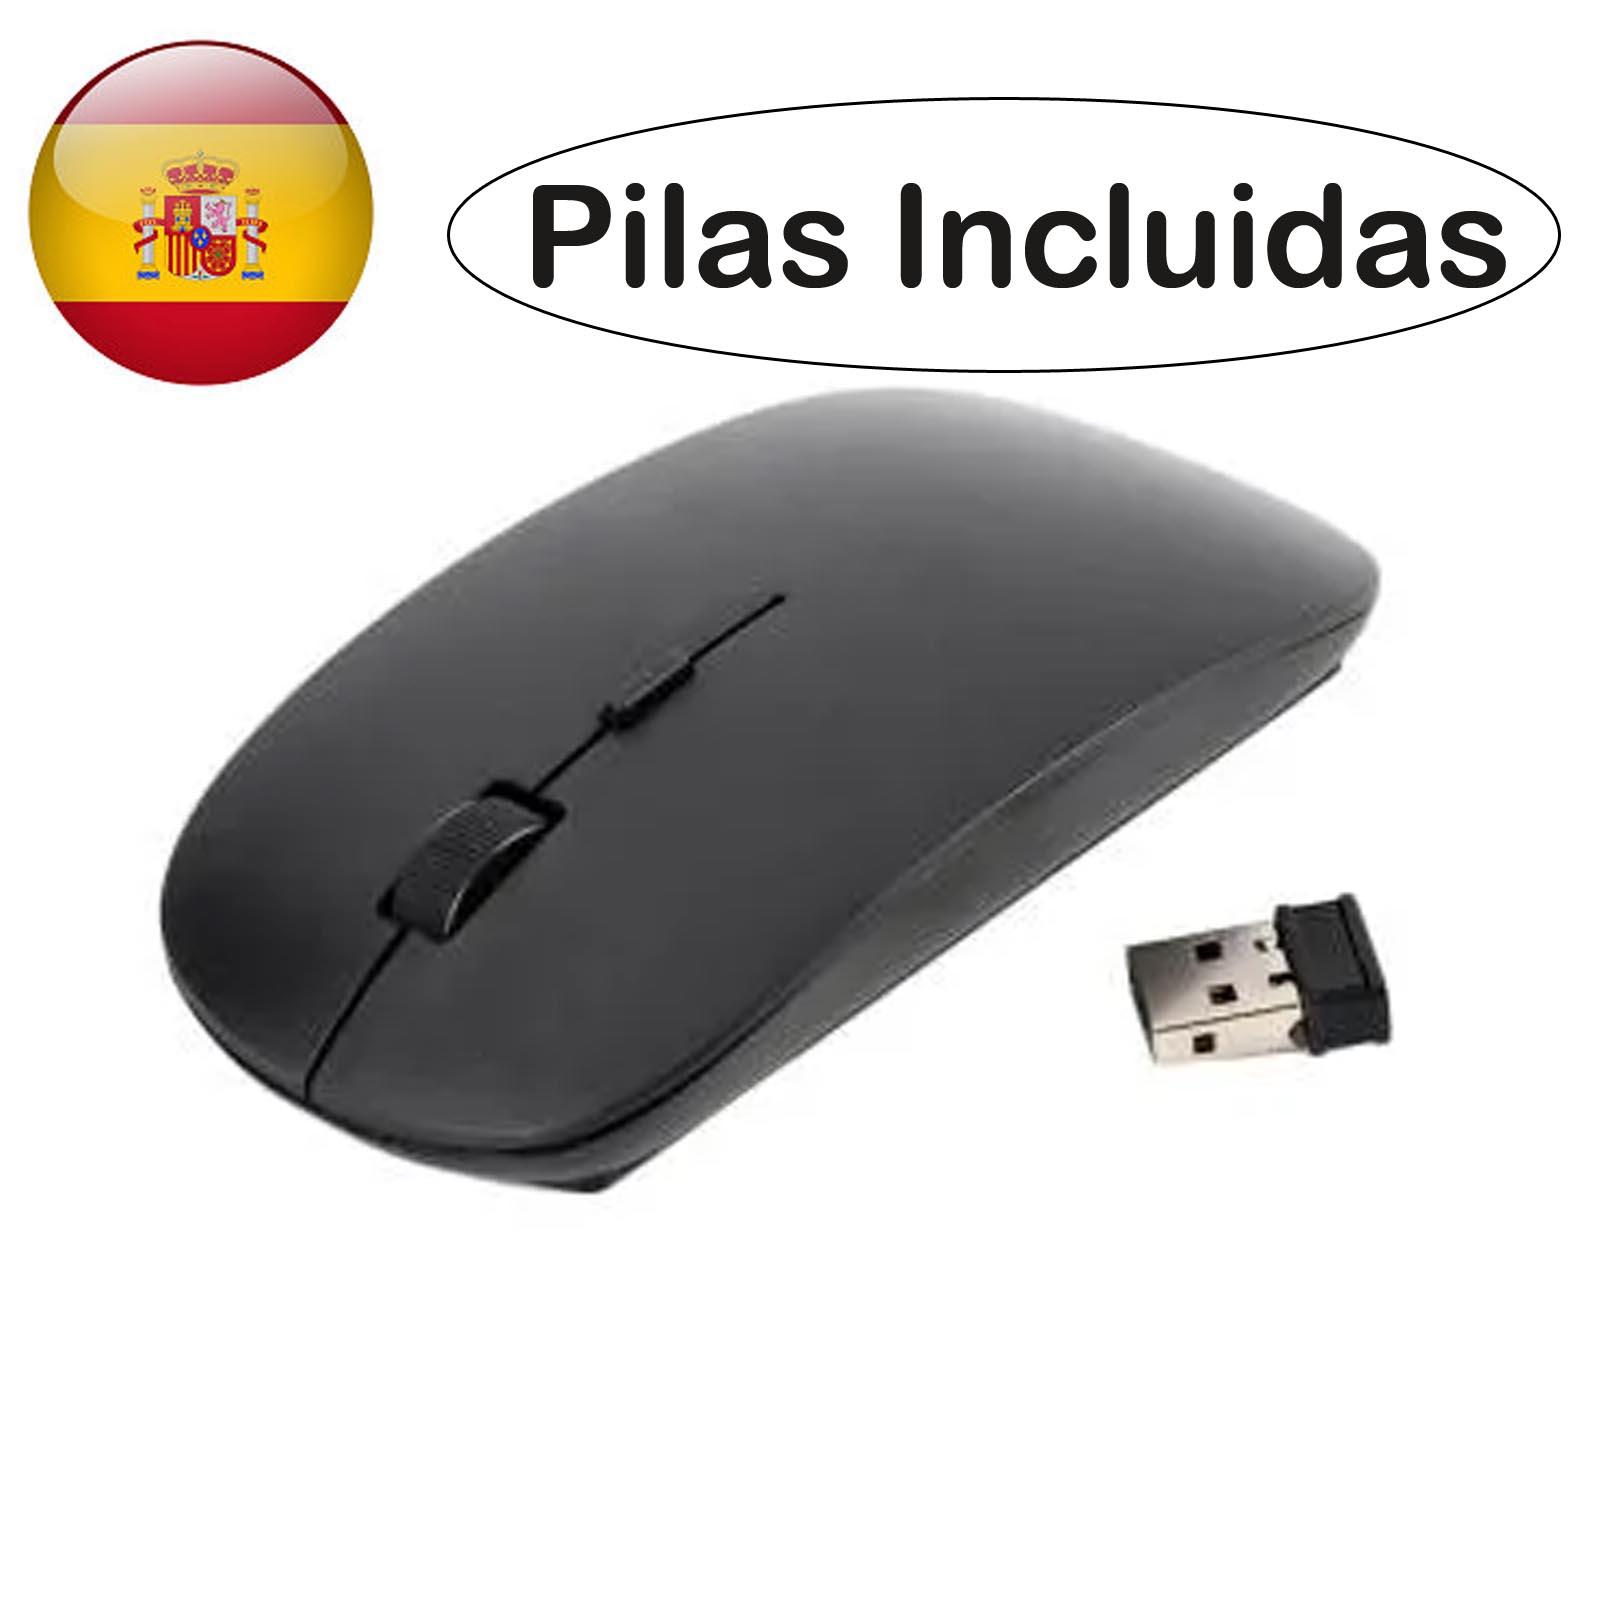 Беспроводной оптический Мышь 1600 Точек на дюйм проводной приемник USB Беспроводной Мышь 2,4 ГГц черный для портативных ПК Windows